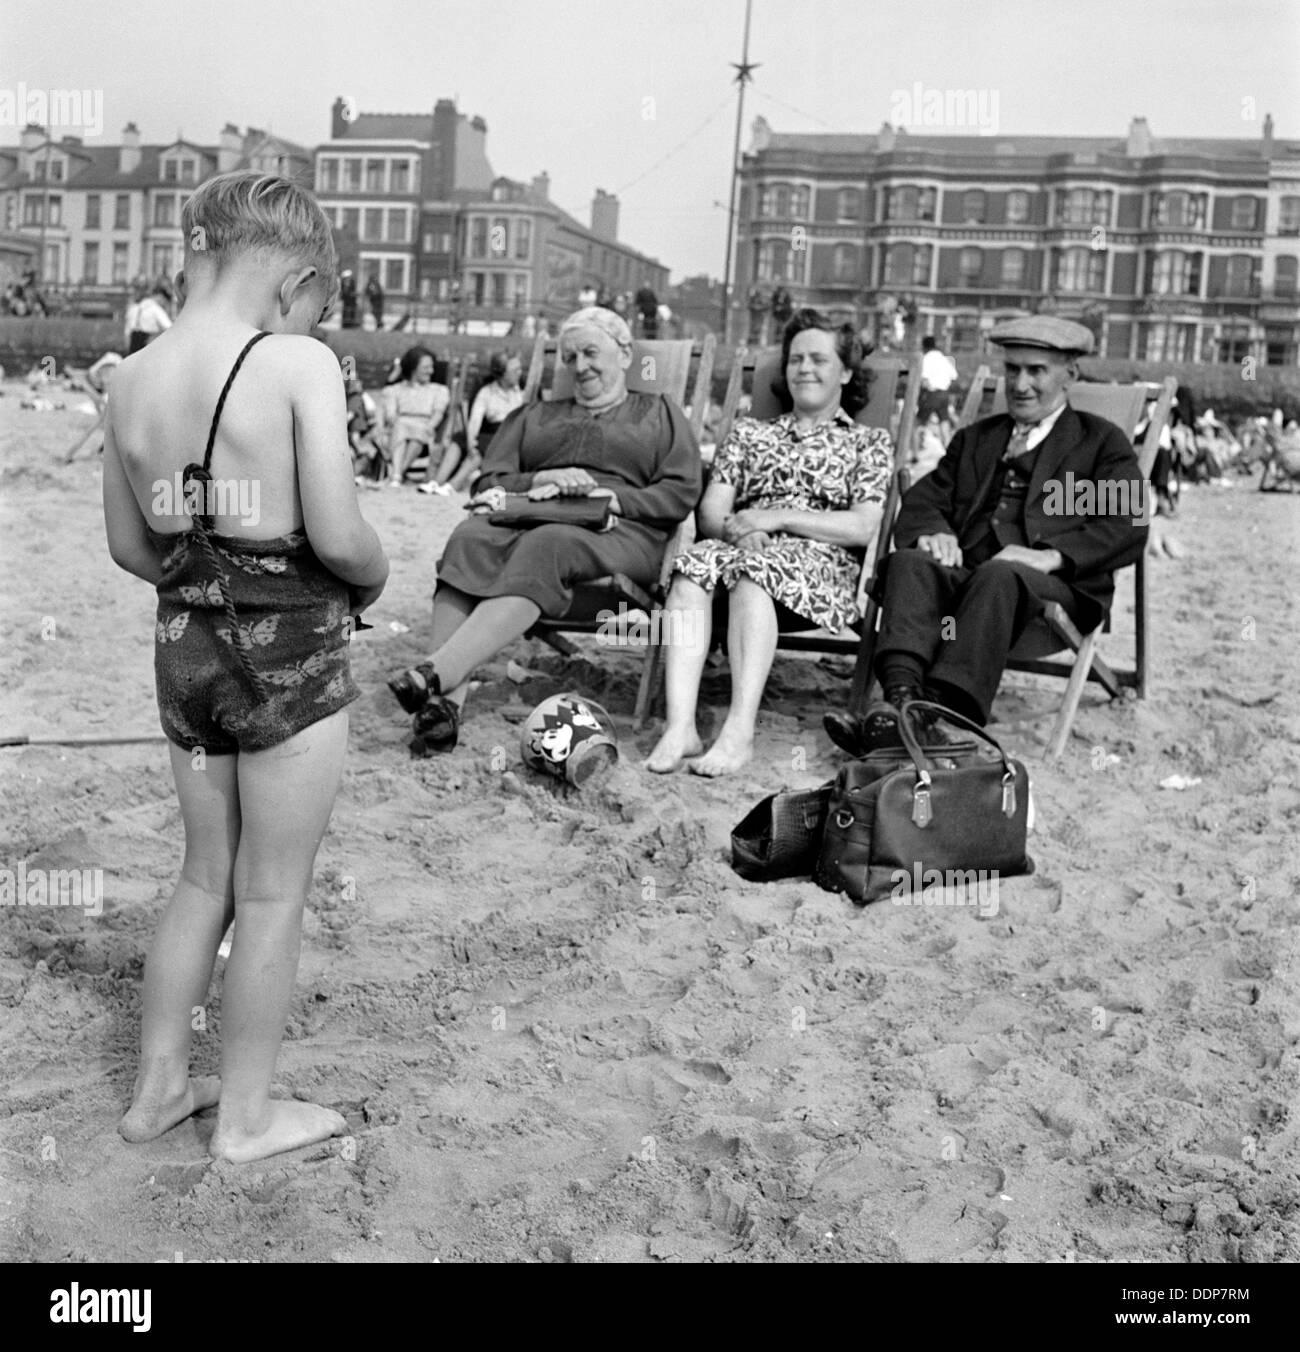 Un bambino fotografie di sua madre e nonni sulla spiaggia di Blackpool, C1946-c1955. Artista: John Gay Immagini Stock